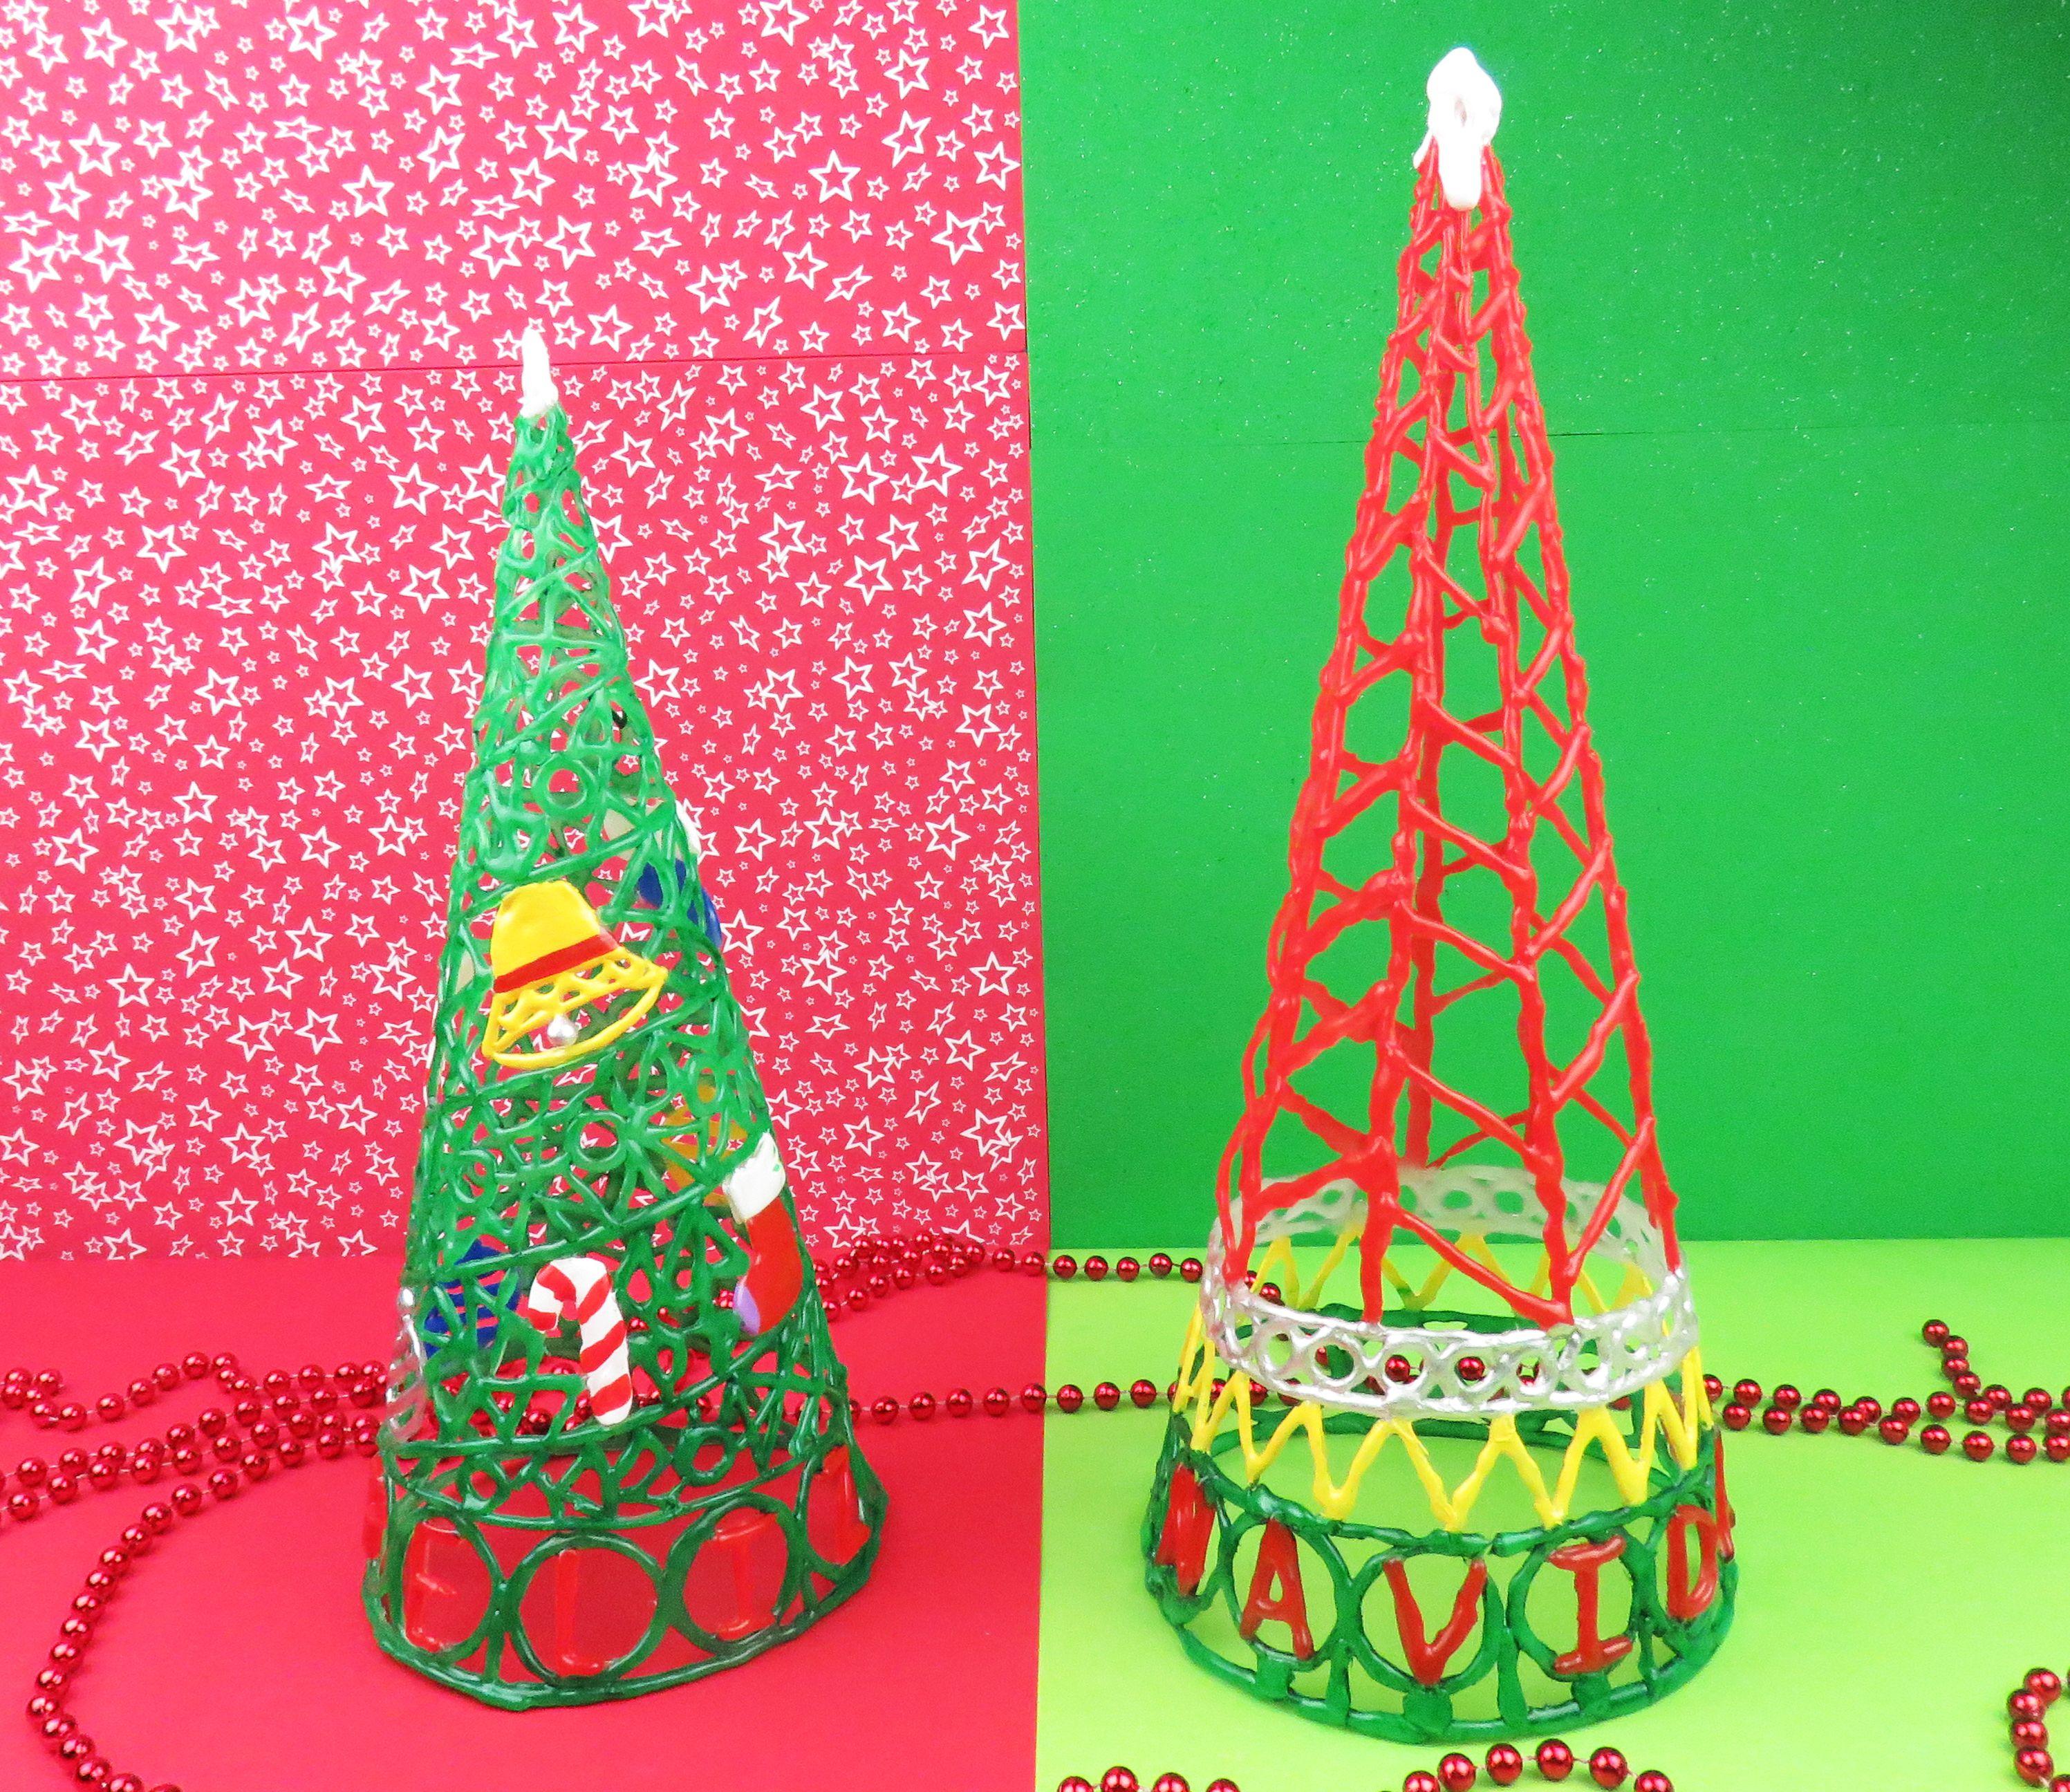 Arboles de navidad con silicona caliente manualidades - Arboles de navidad manualidades navidenas ...